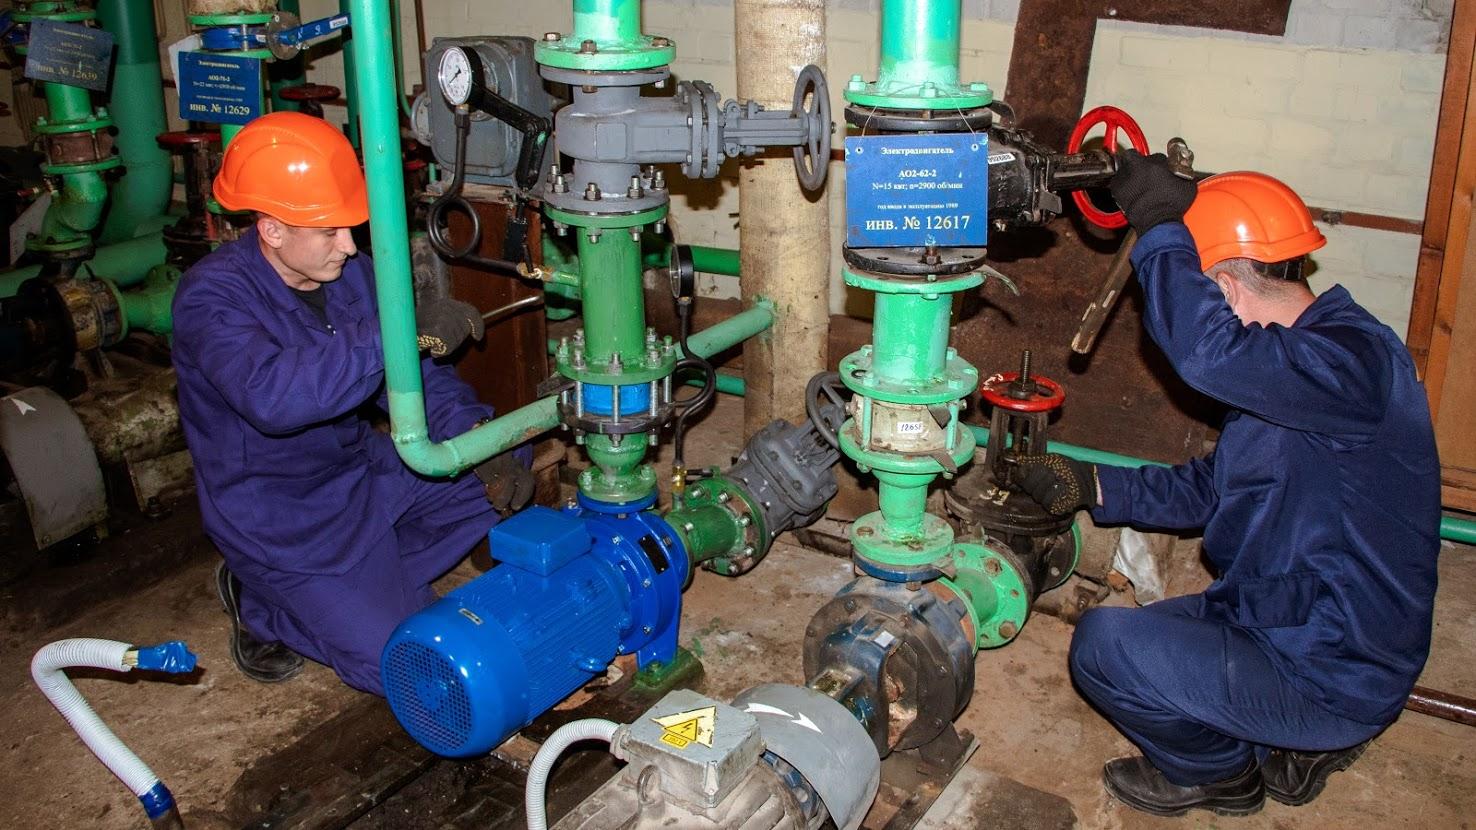 такой фотографии ремонта водопроводов считать, что пластикой